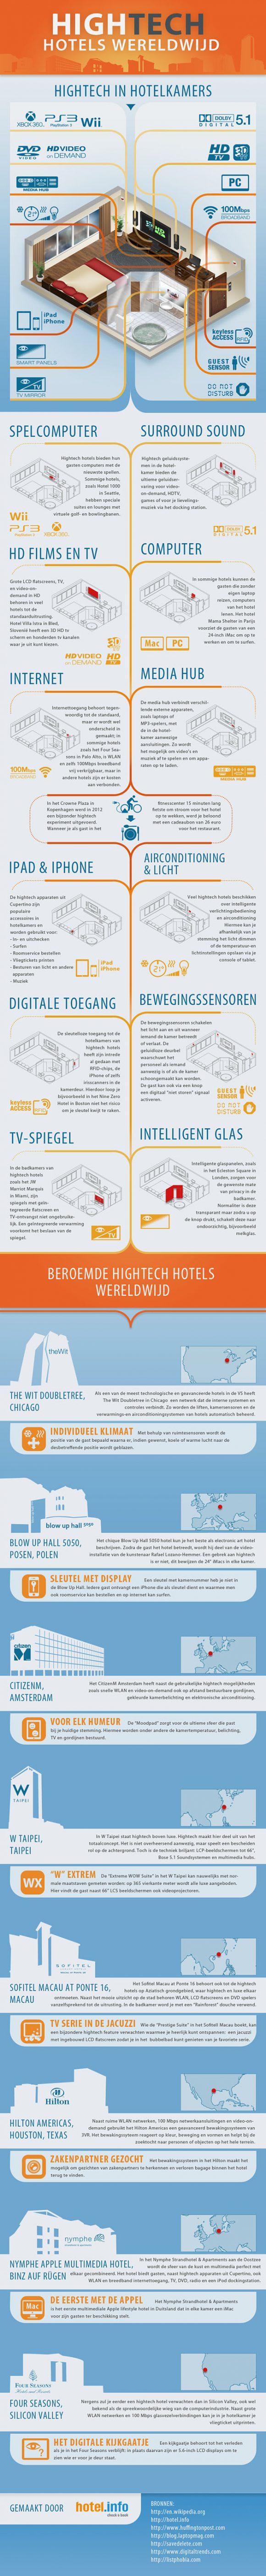 Hotelkamer van de toekomst - infographic